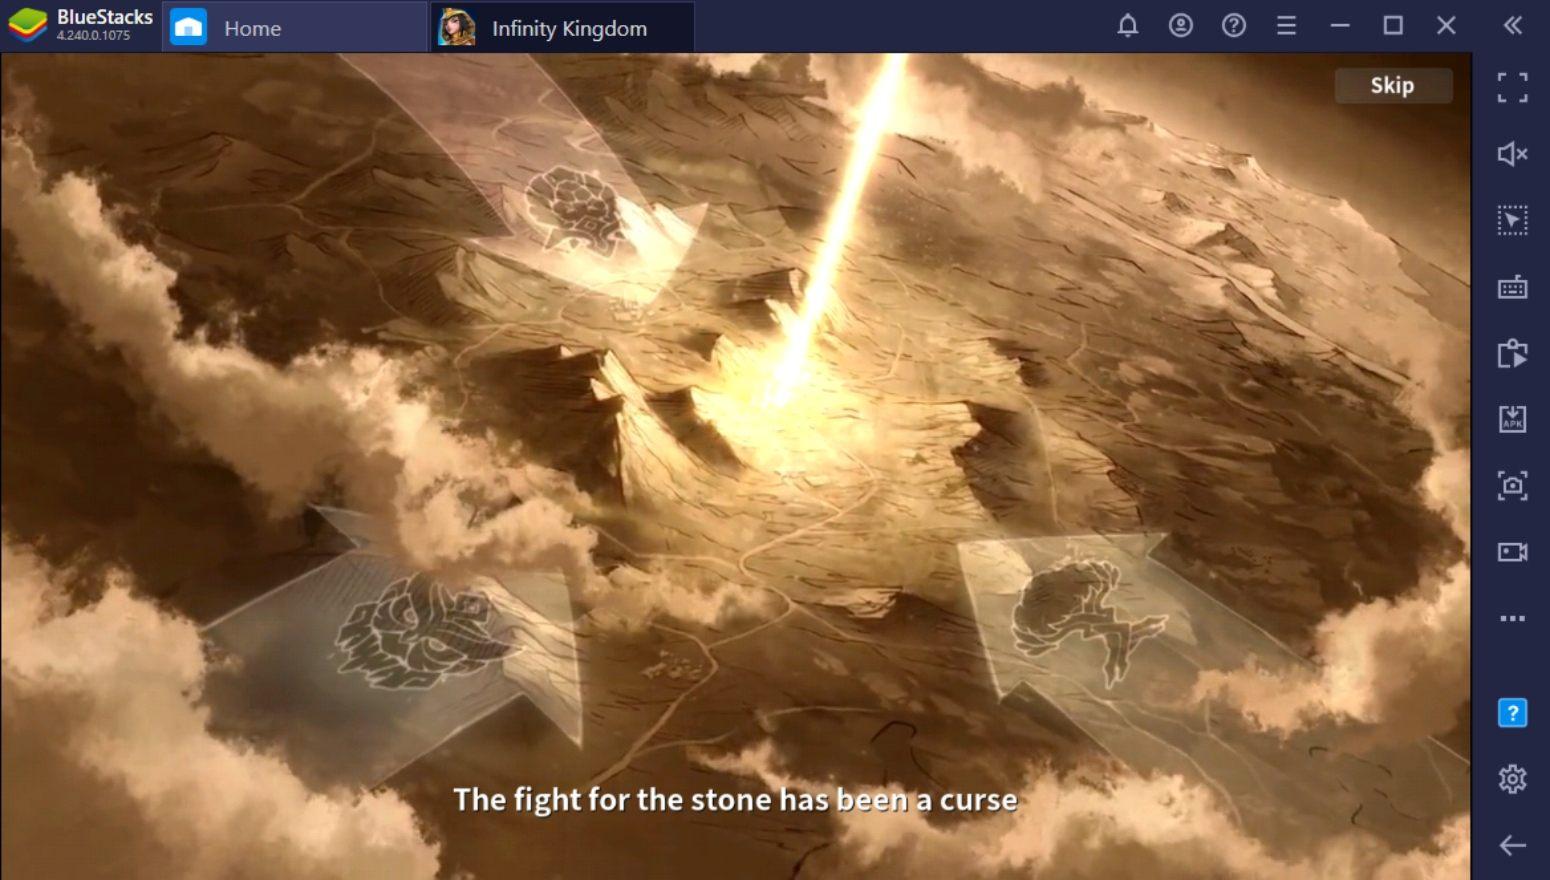 Comment jouer à Infinity Kingdom sur PC avec BlueStacks